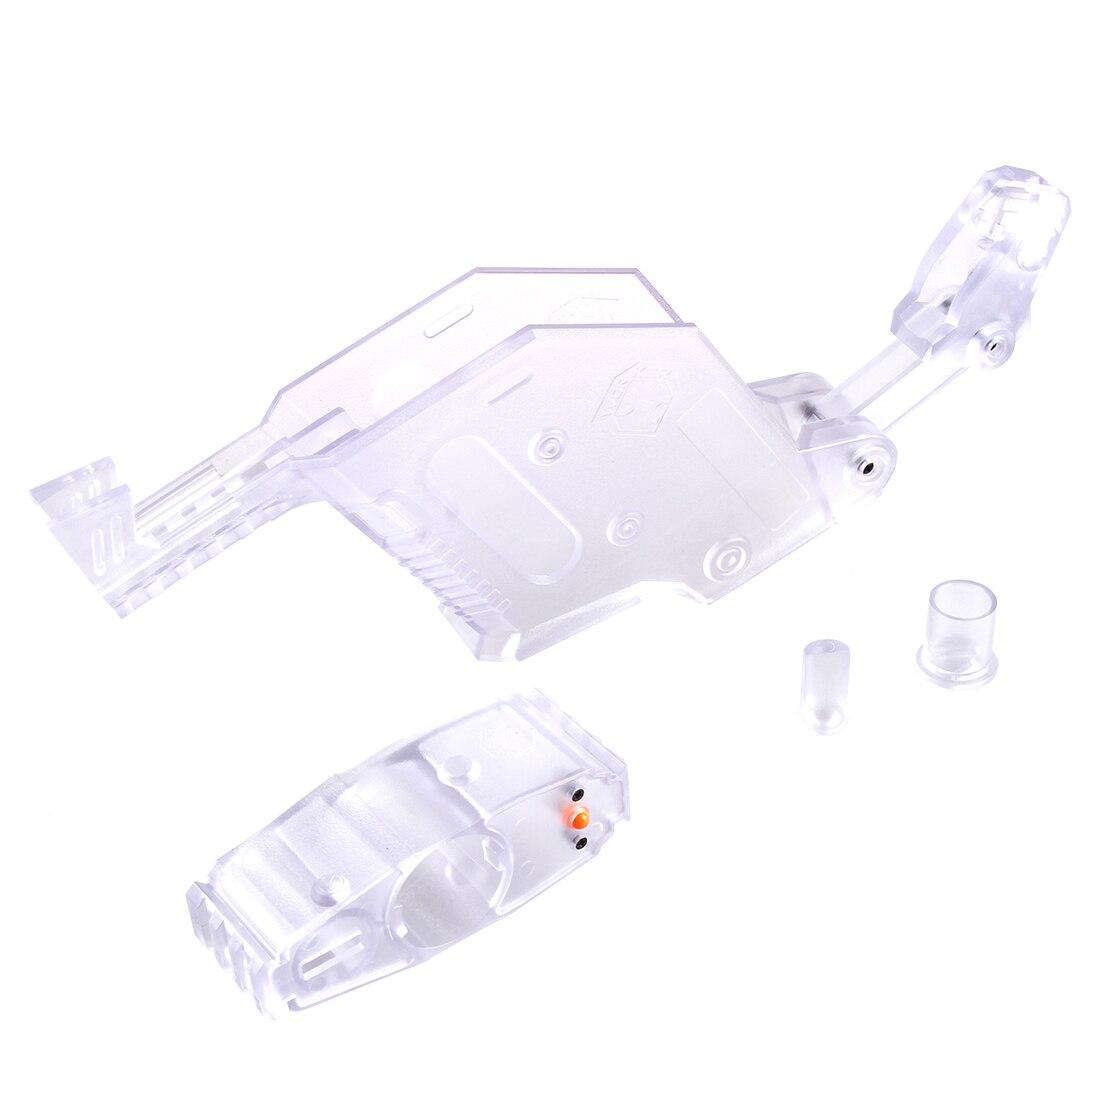 Bricolage Modifié Poignard Couverture En Forme de Jouet accessoires d'armes à feu kit de test Pour Nerf Stryfe Professionnel accessoires de jouet-Noir